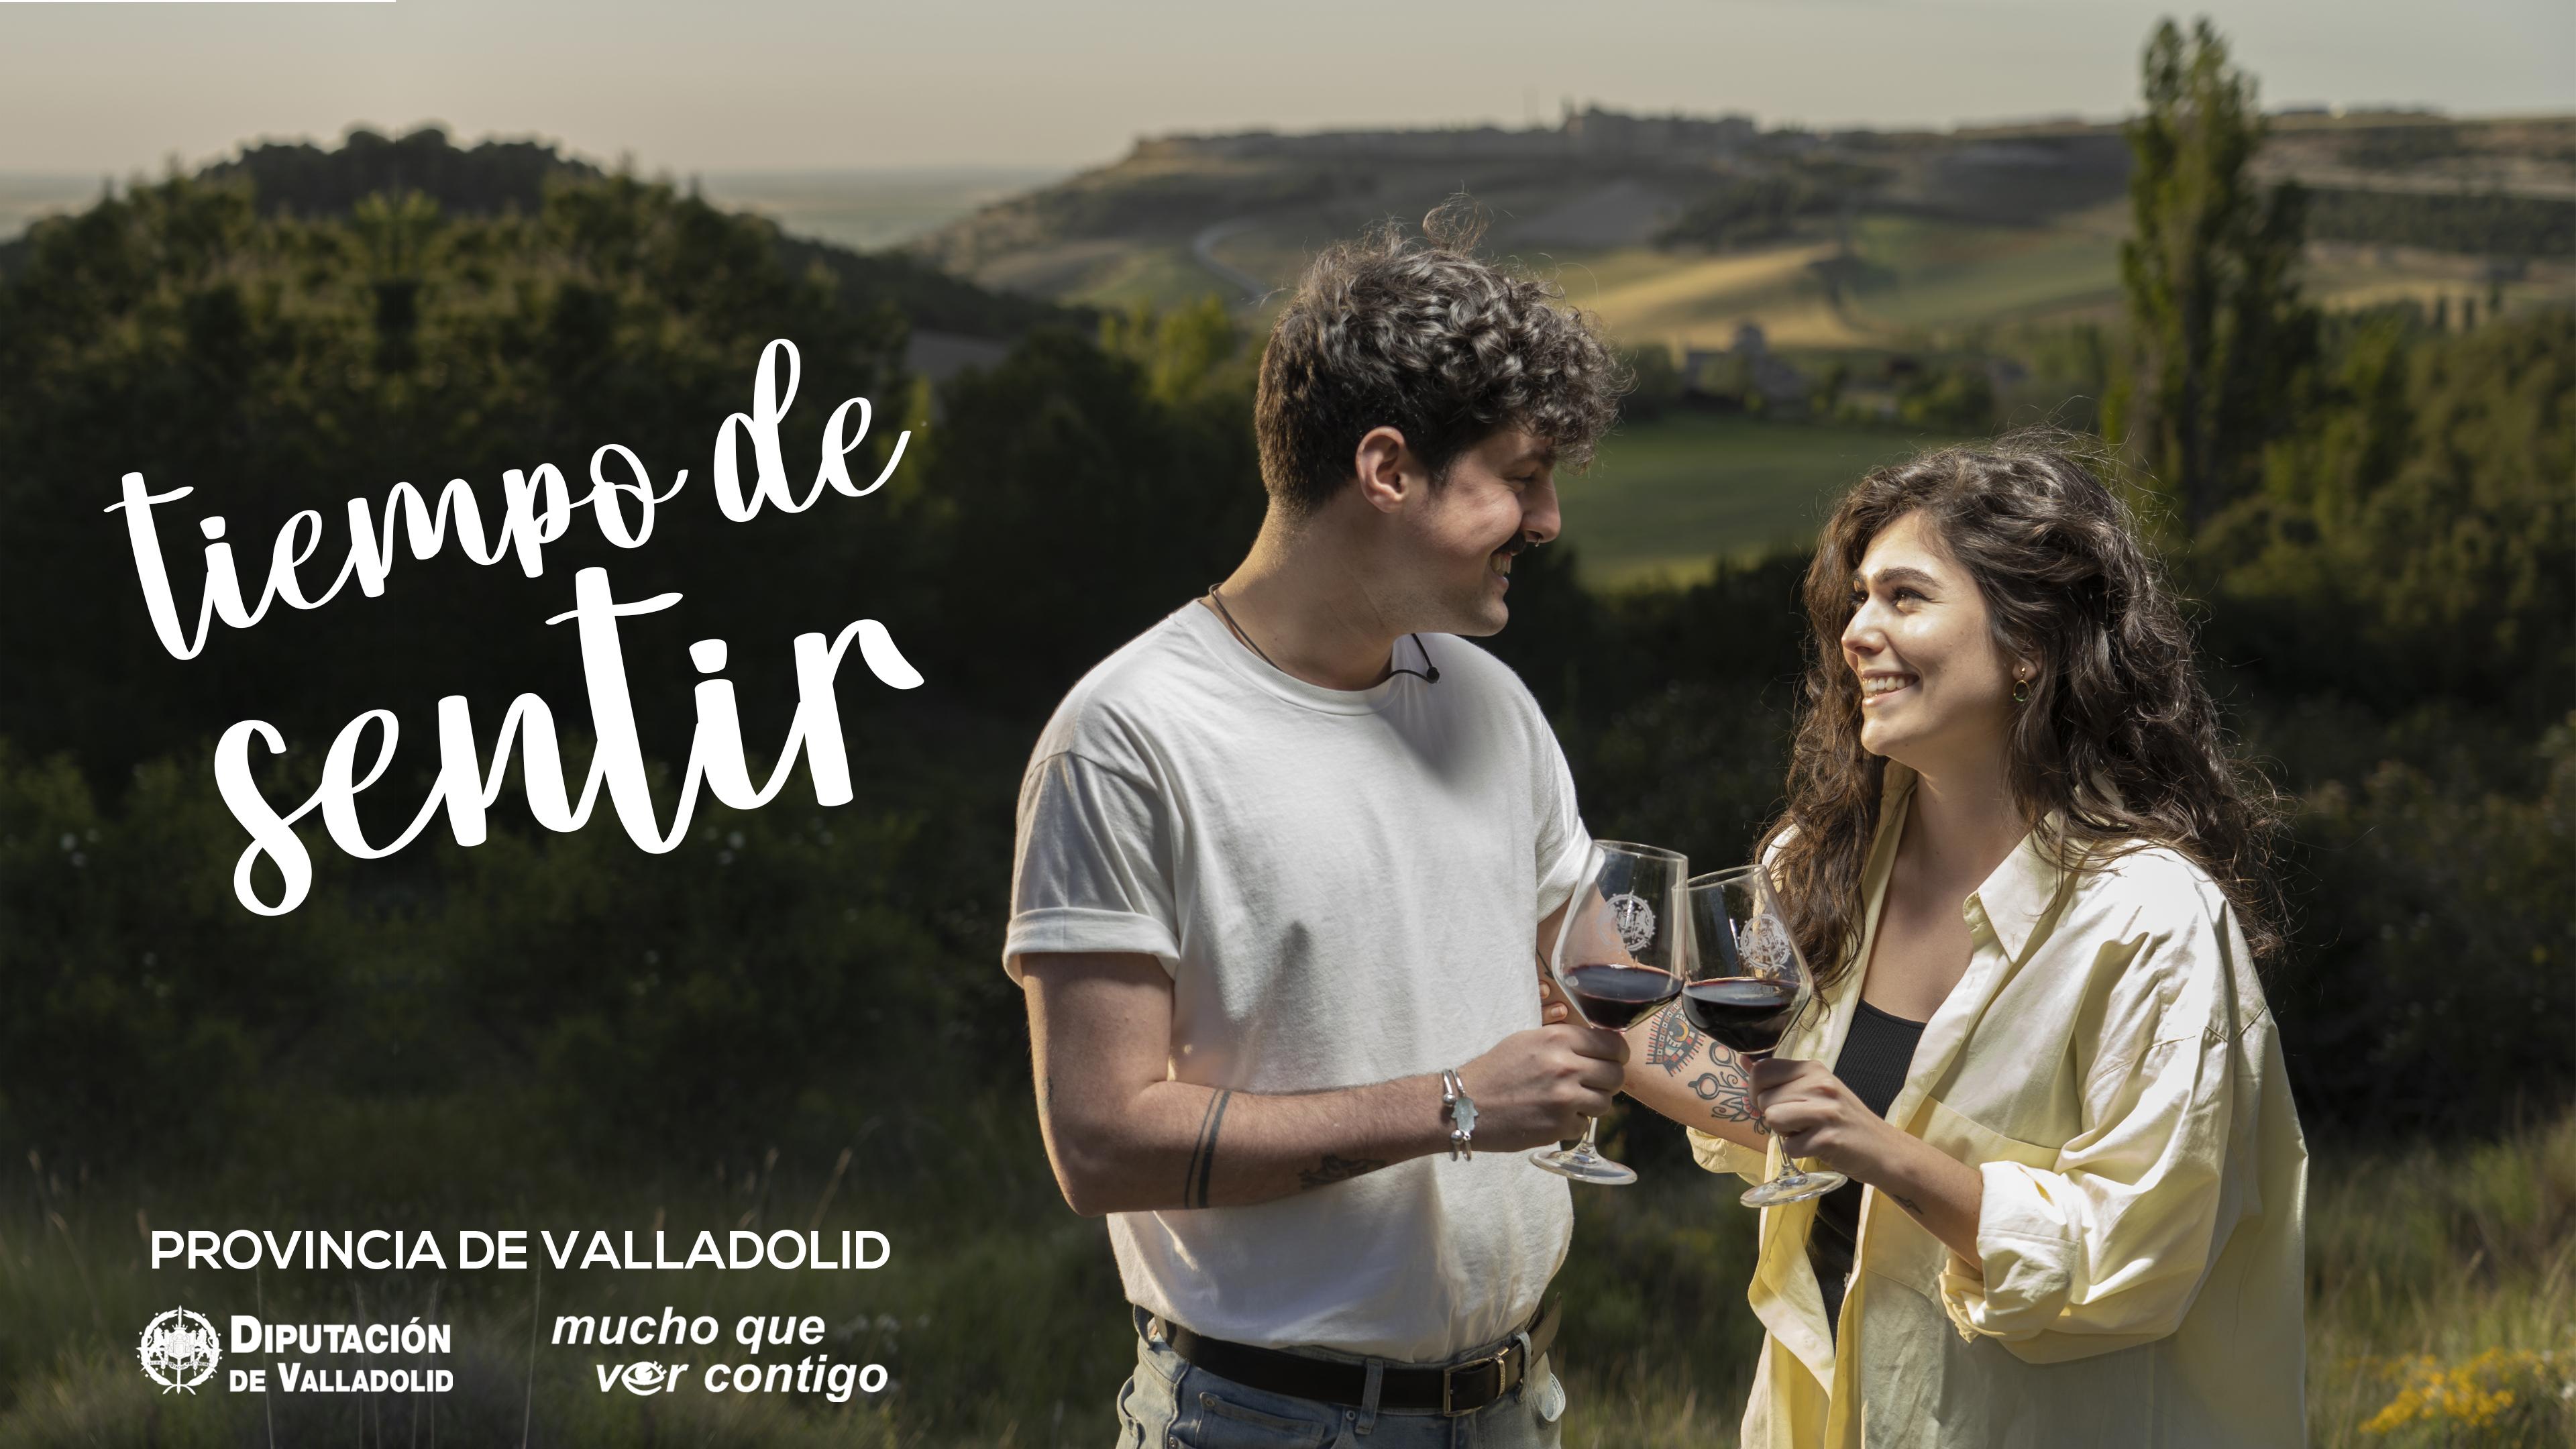 Tren del Vino y el Tren del Canal - Detalle noticia - Diputación de Valladolid